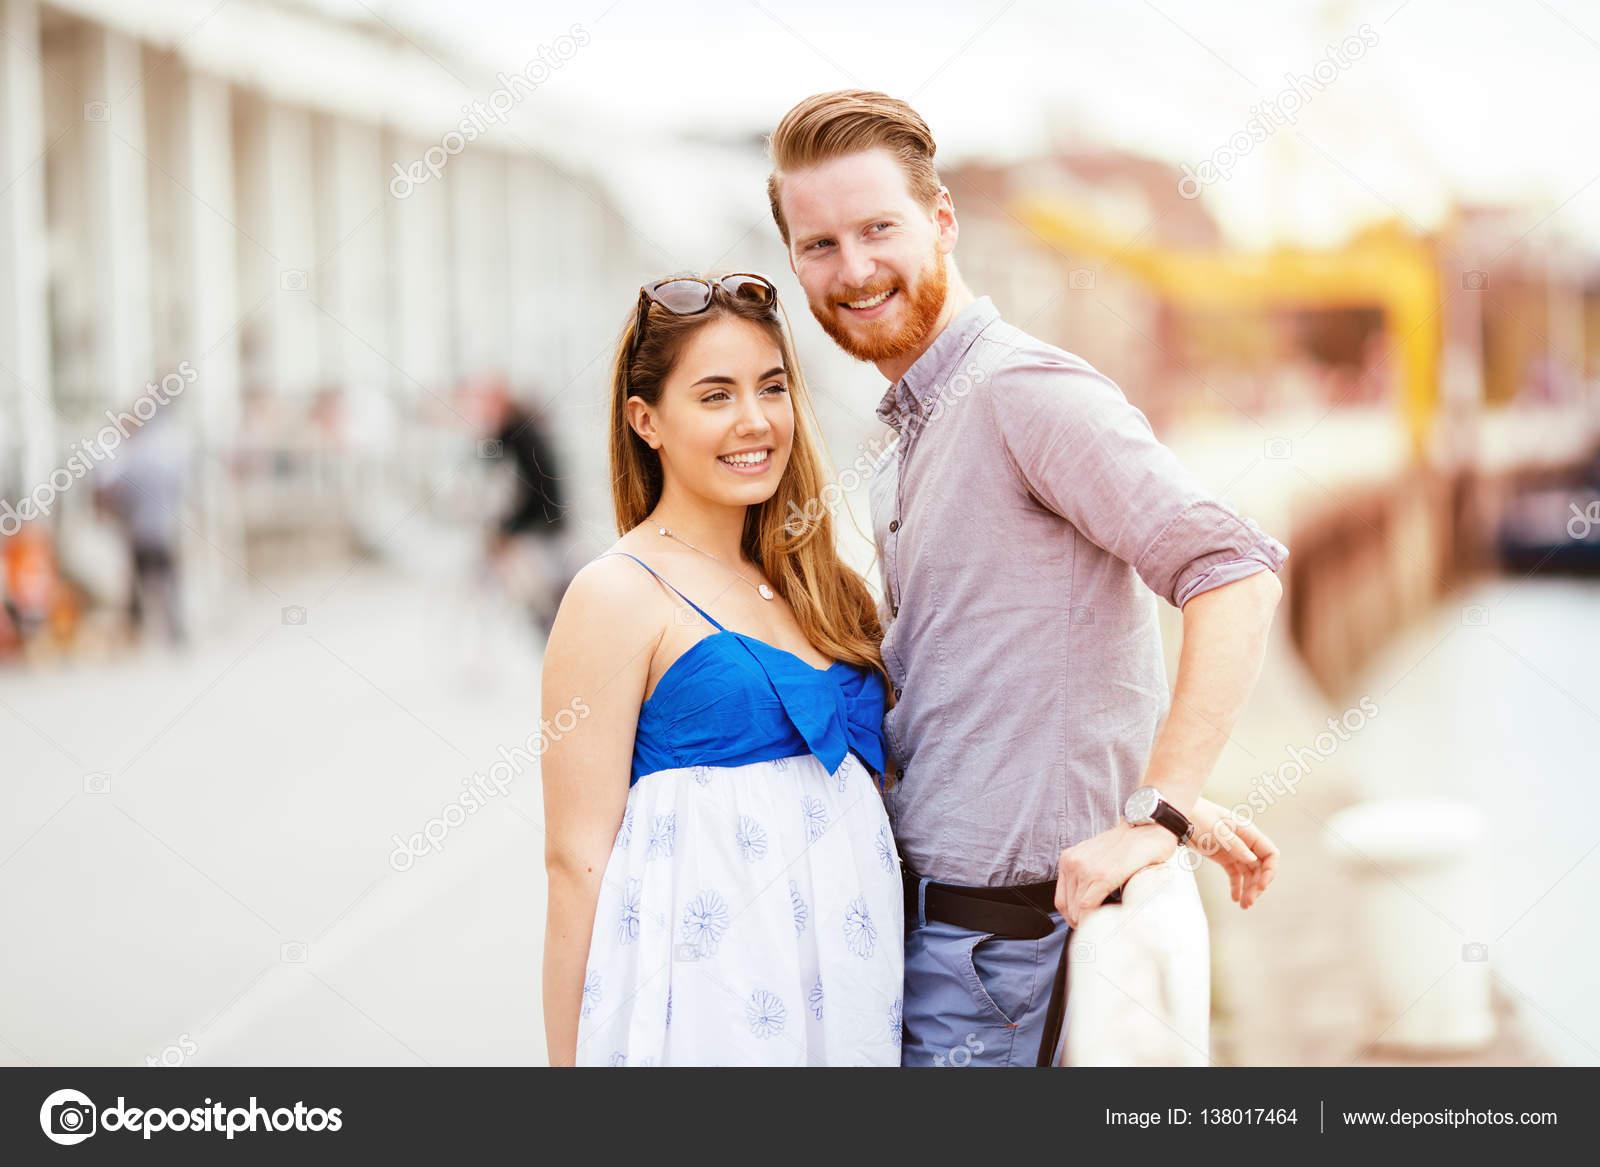 Imágenes 2 Personas Enamoradas Dos Personas Enamoradas Foto De